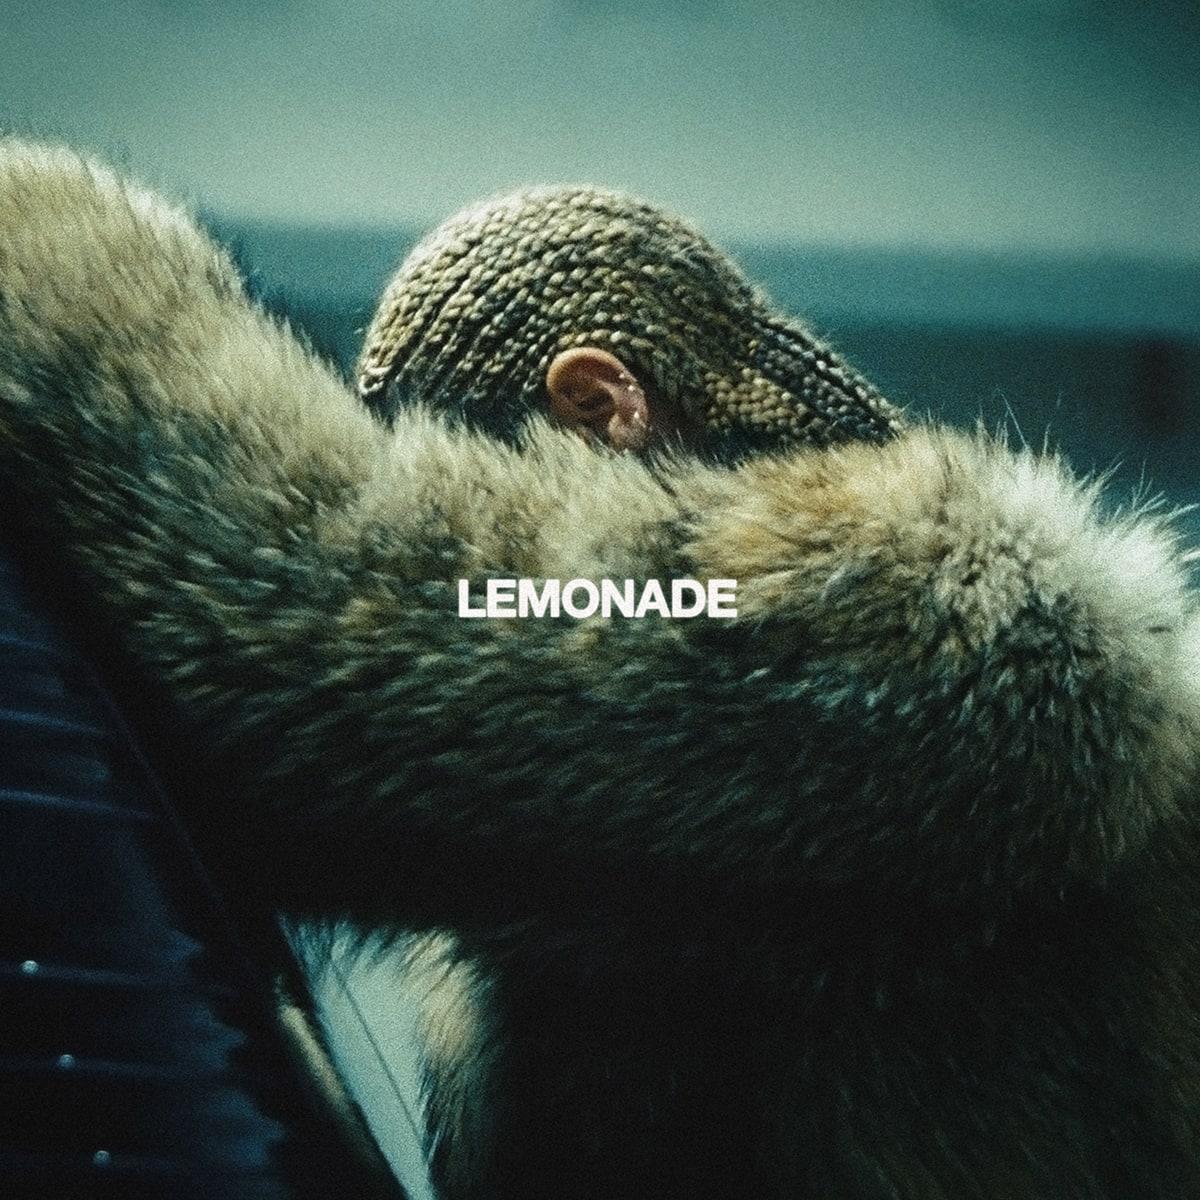 rs-beyonce-lemonade-2d181e9d-c29d-404e-9697-474cab71ed74